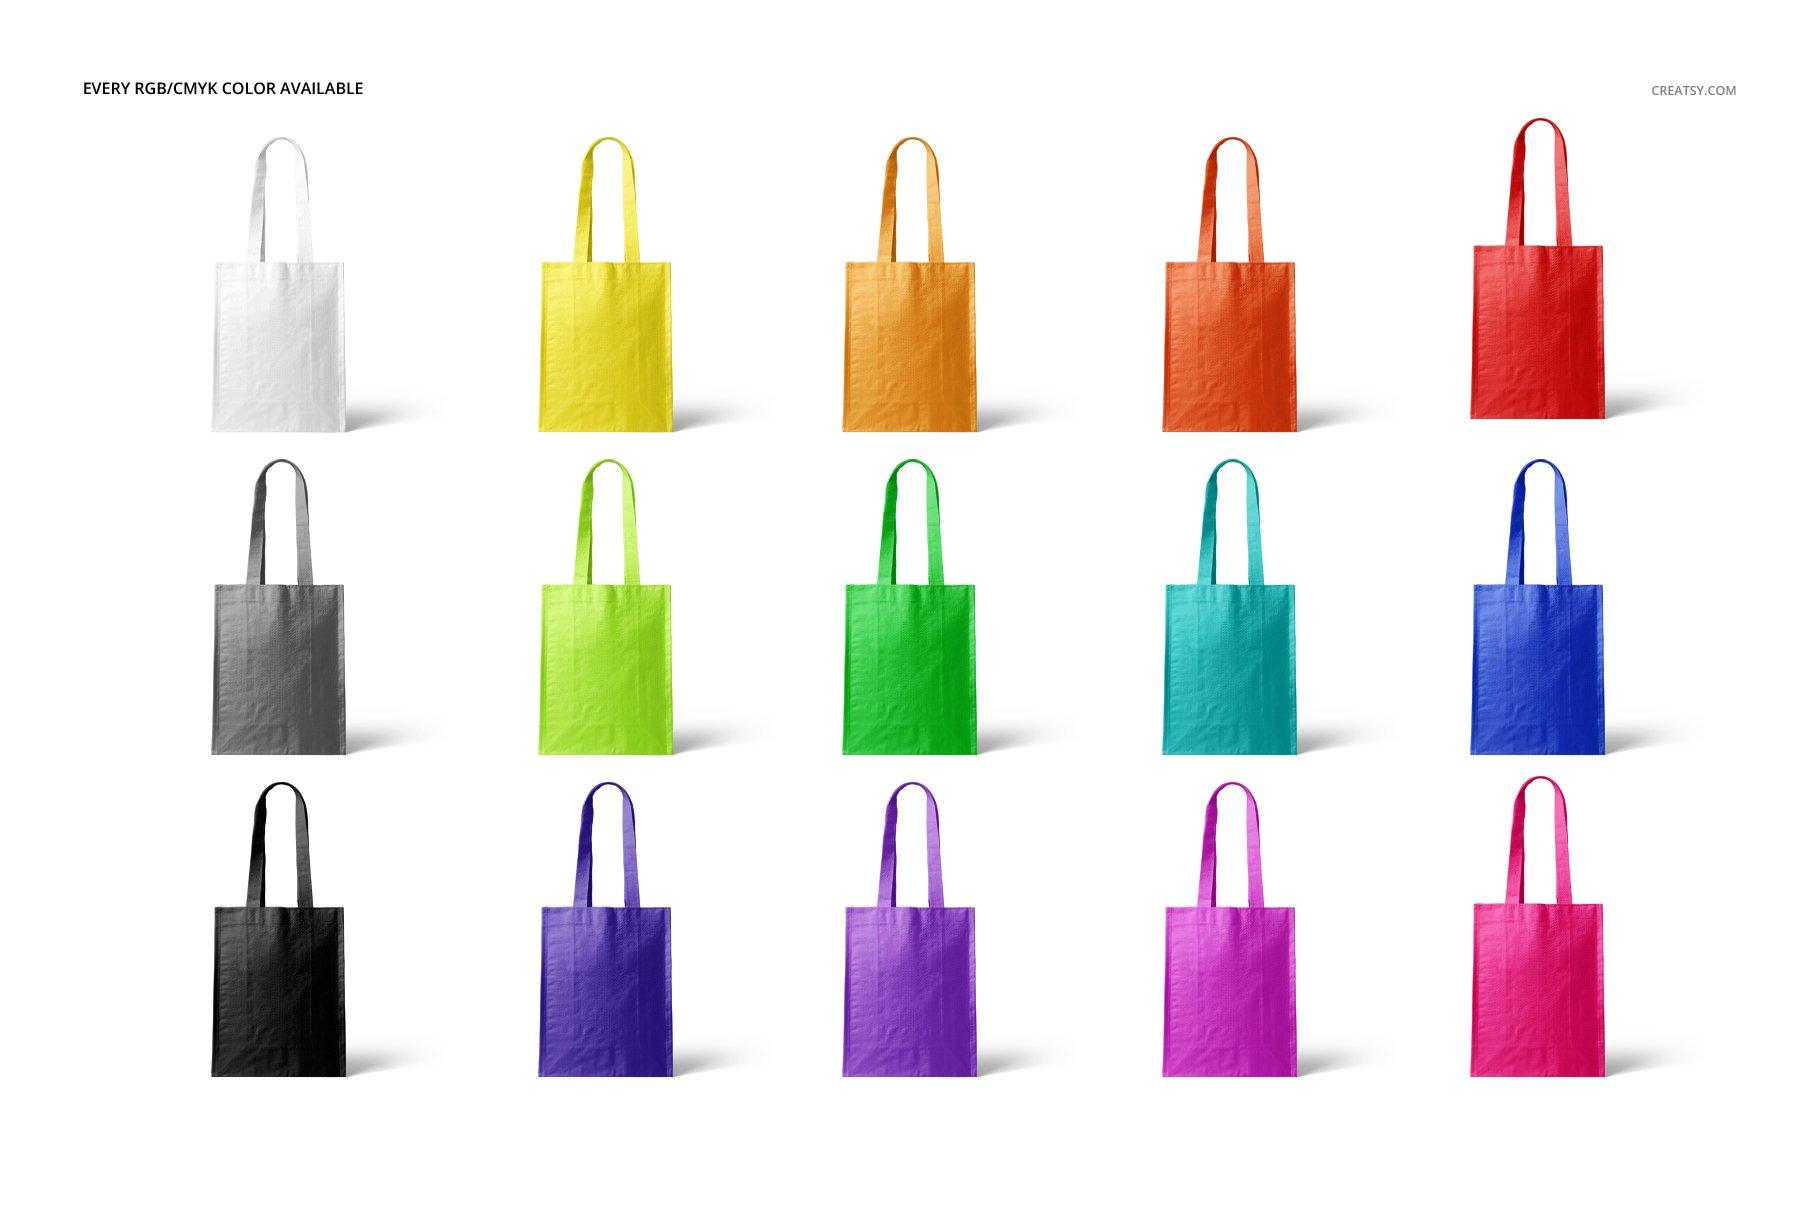 时尚编织手提购物袋设计展示贴图样机模板合集 Woven Tote Bag Mockup Set插图(2)